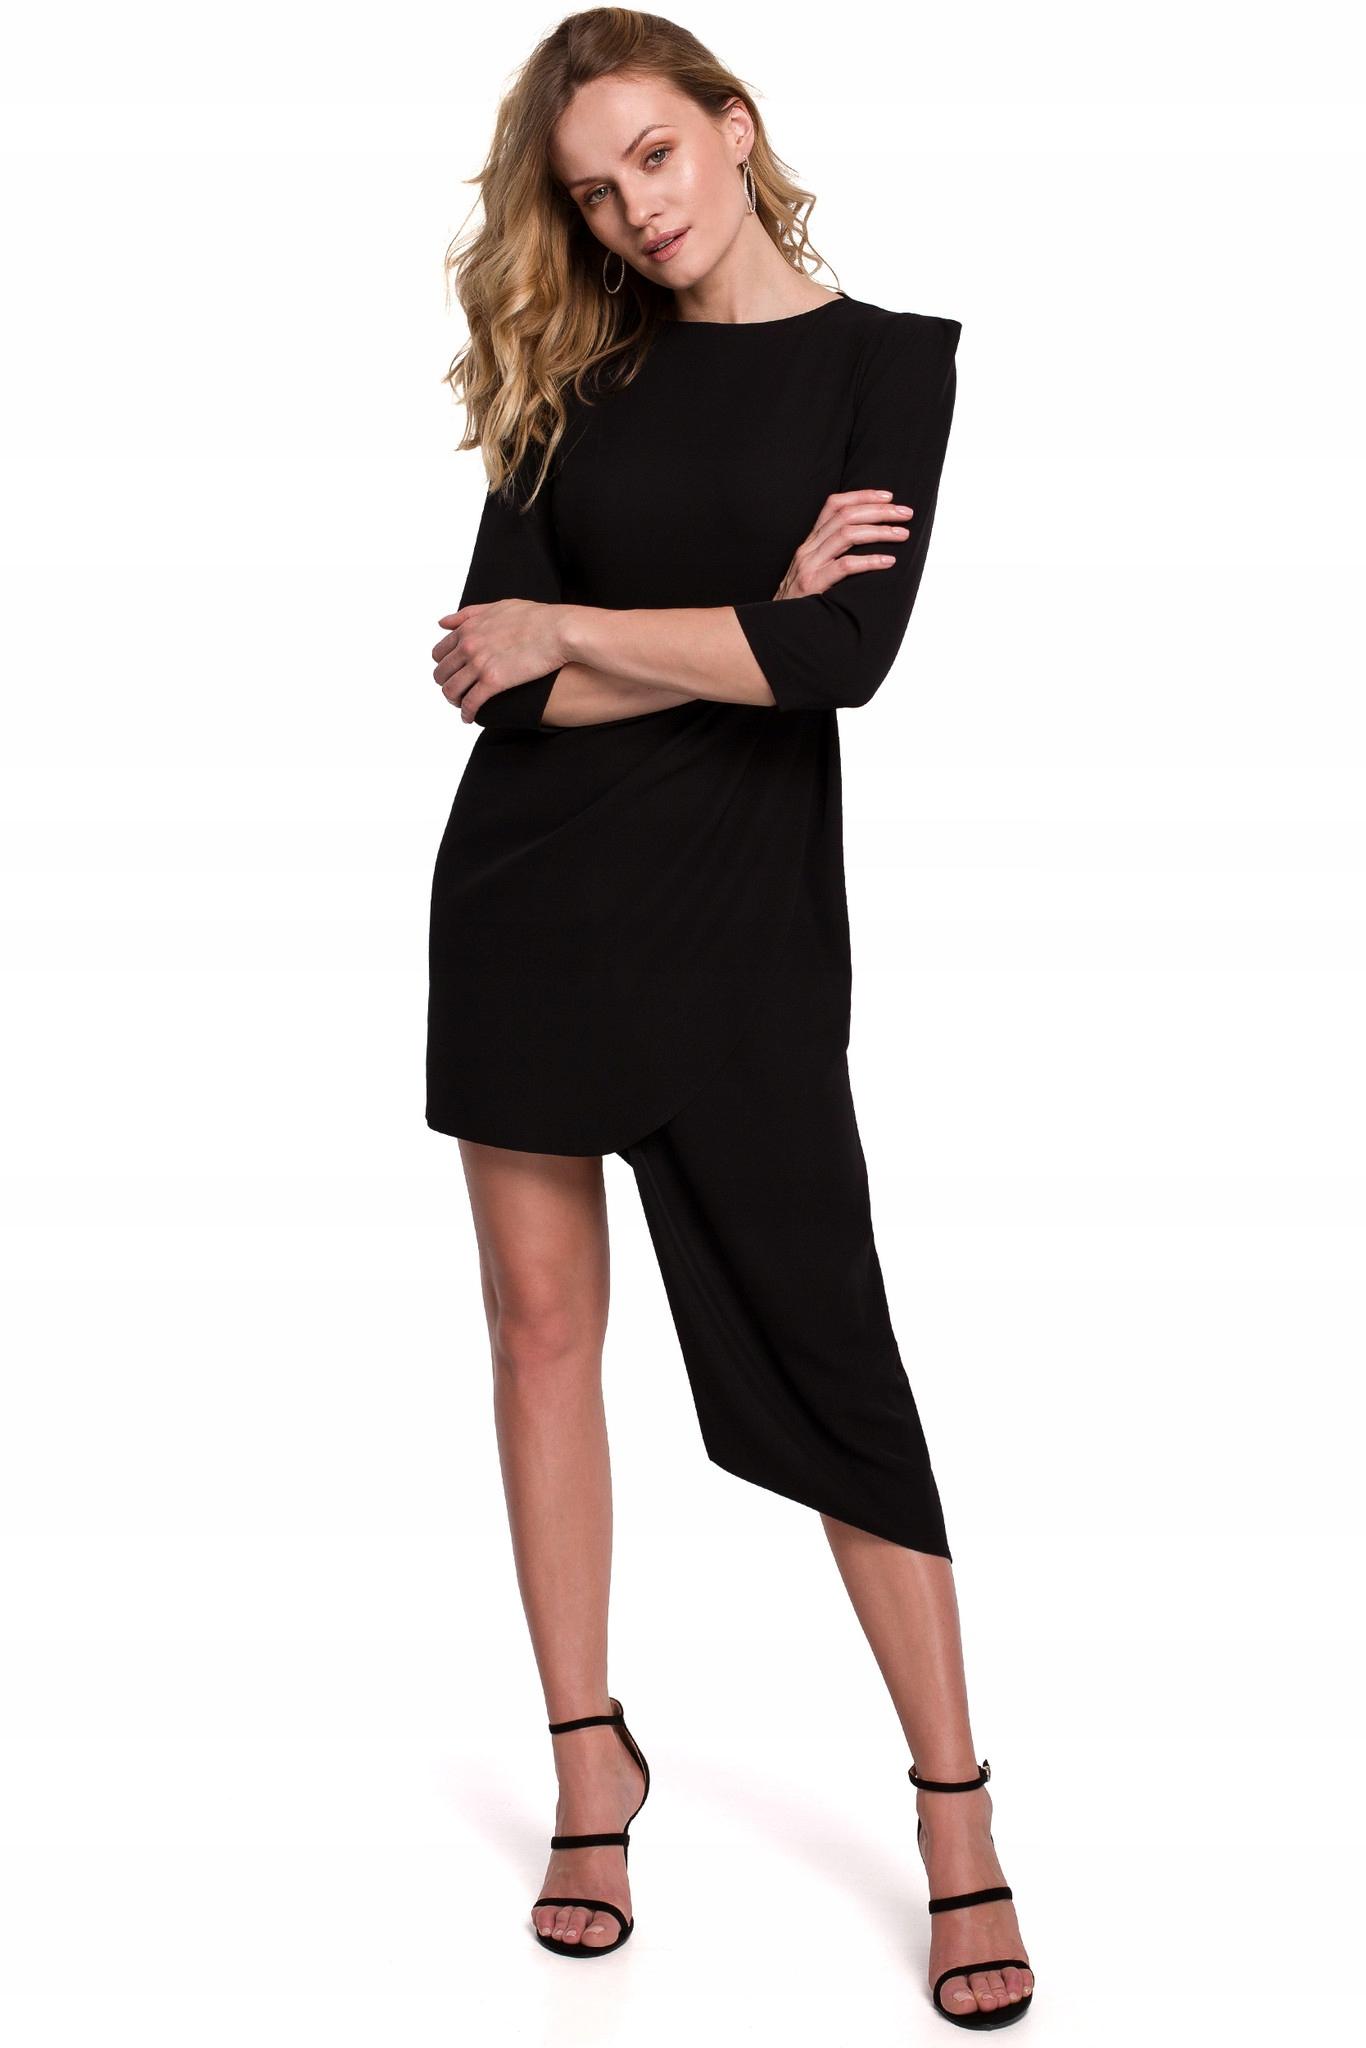 Nowoczesna Elegancka Sukienka Asymetryczna L